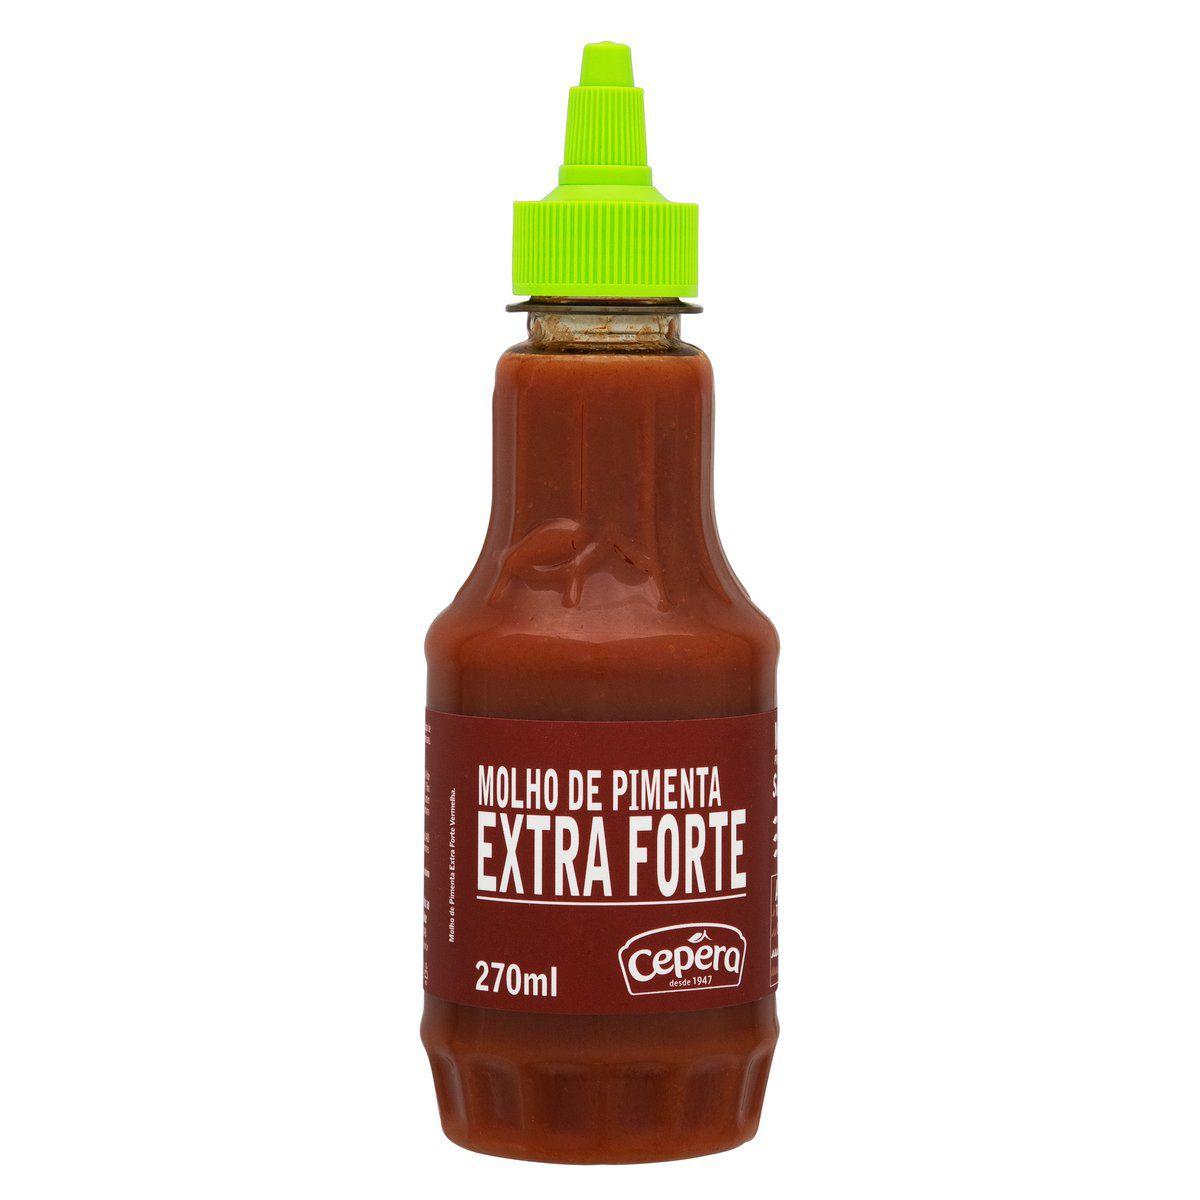 Molho de Pimenta Vermelha Extra Forte 270ml